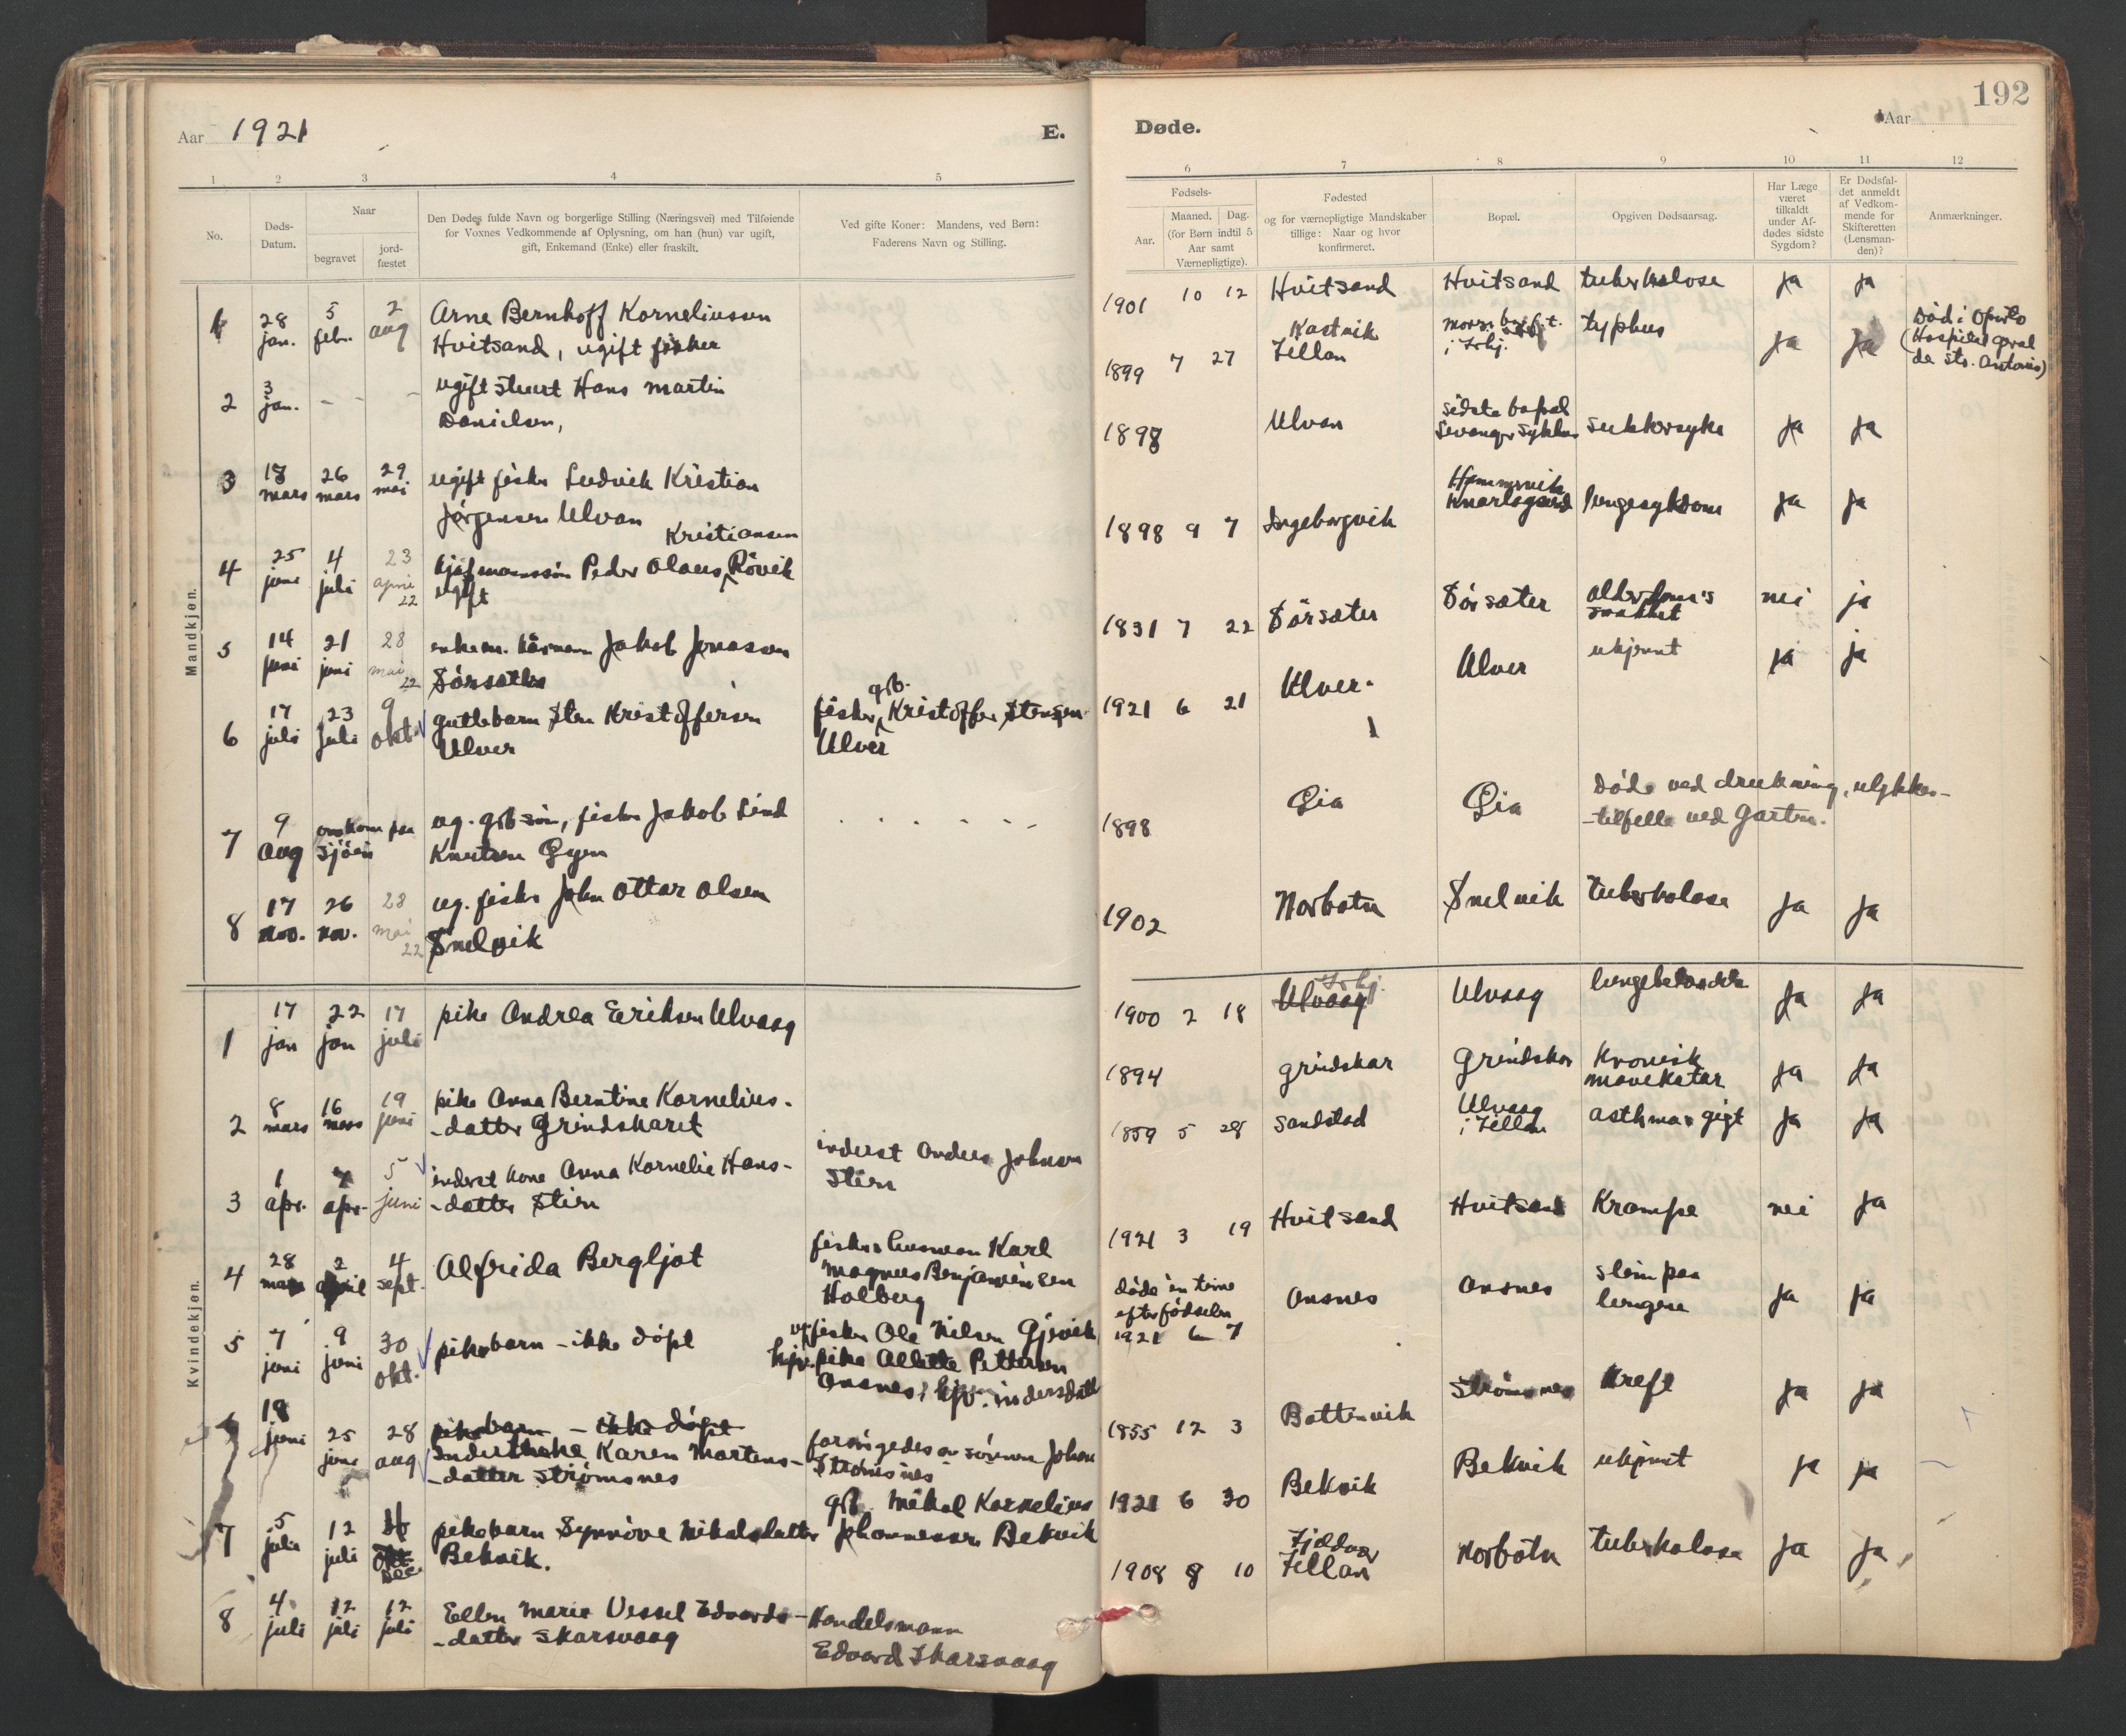 SAT, Ministerialprotokoller, klokkerbøker og fødselsregistre - Sør-Trøndelag, 637/L0559: Ministerialbok nr. 637A02, 1899-1923, s. 192